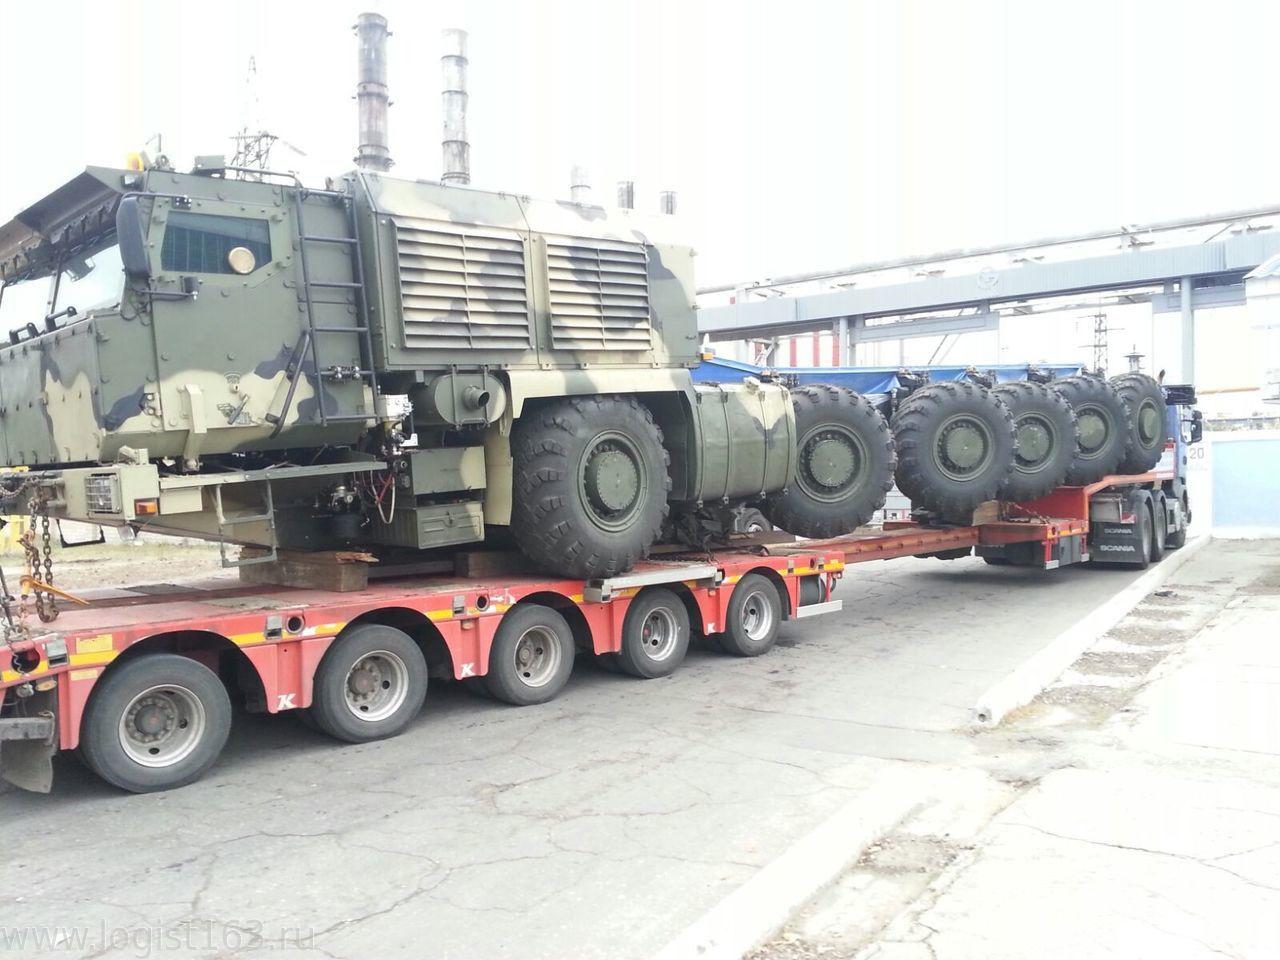 Russian Military Photos and Videos #4 F_aWMucGljcy5saXZlam91cm5hbC5jb20vZV9tYWtzaW1vdi8xMzE2NTc1OS82NzM0Mi82NzM0Ml9vcmlnaW5hbC5qcGc_X19pZD03NTQxOQ==